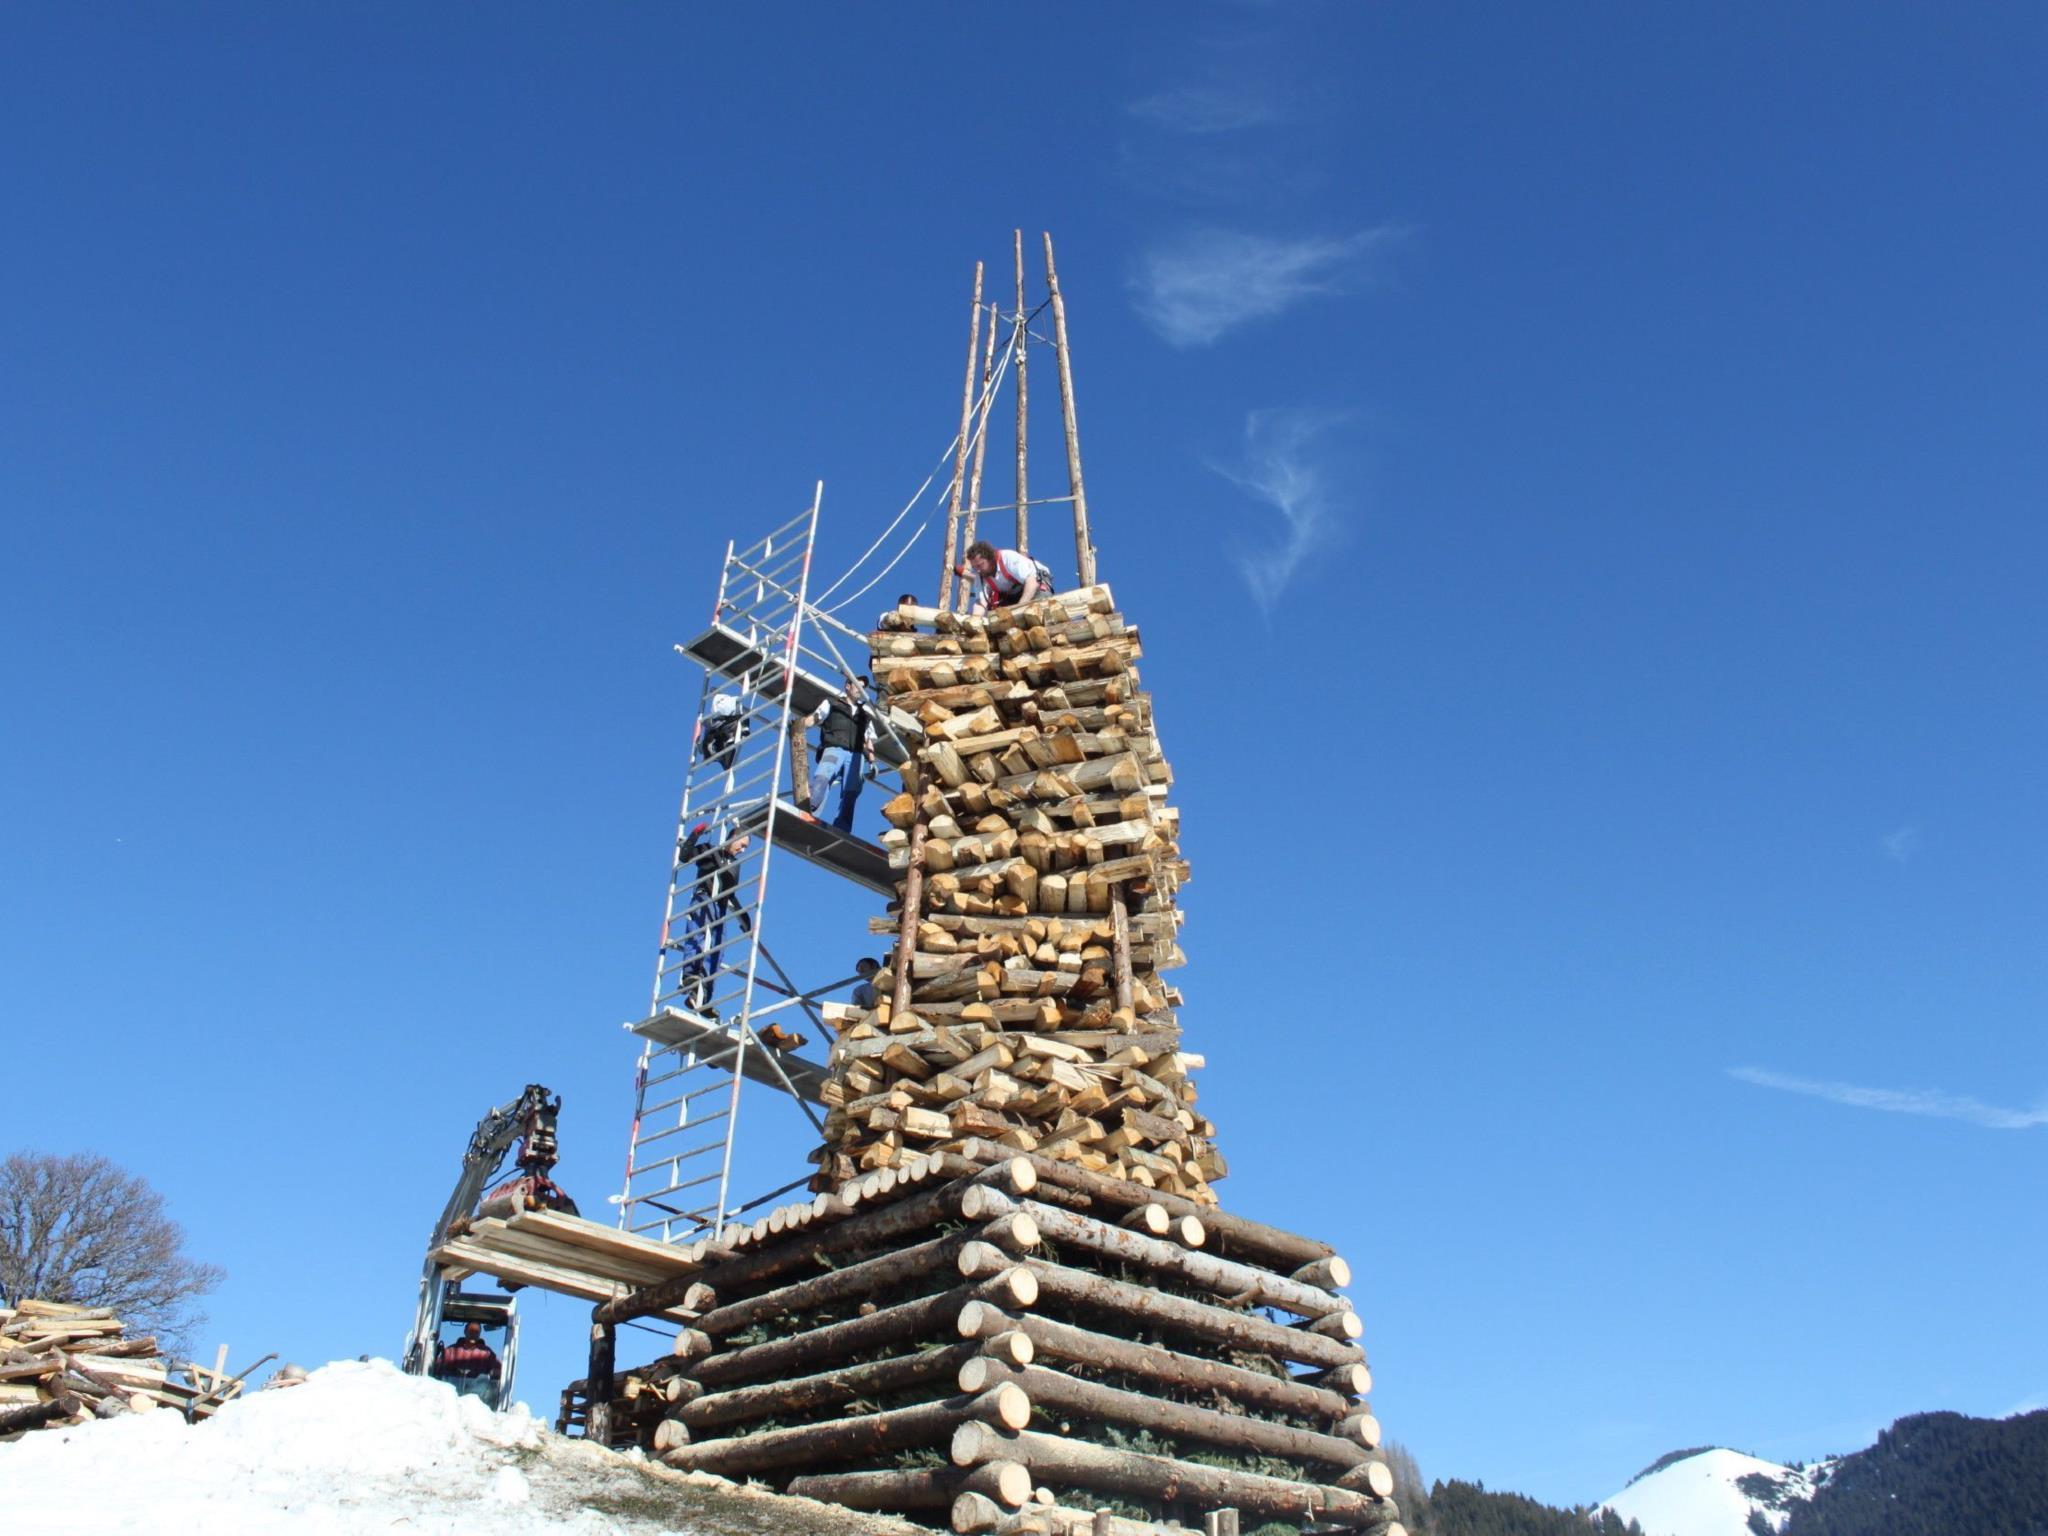 Tolle Arbeit der Funkenzunft Fraxern: Aufbau des 12 Meter hohen Funkens am Freitag vor dem Tag X.